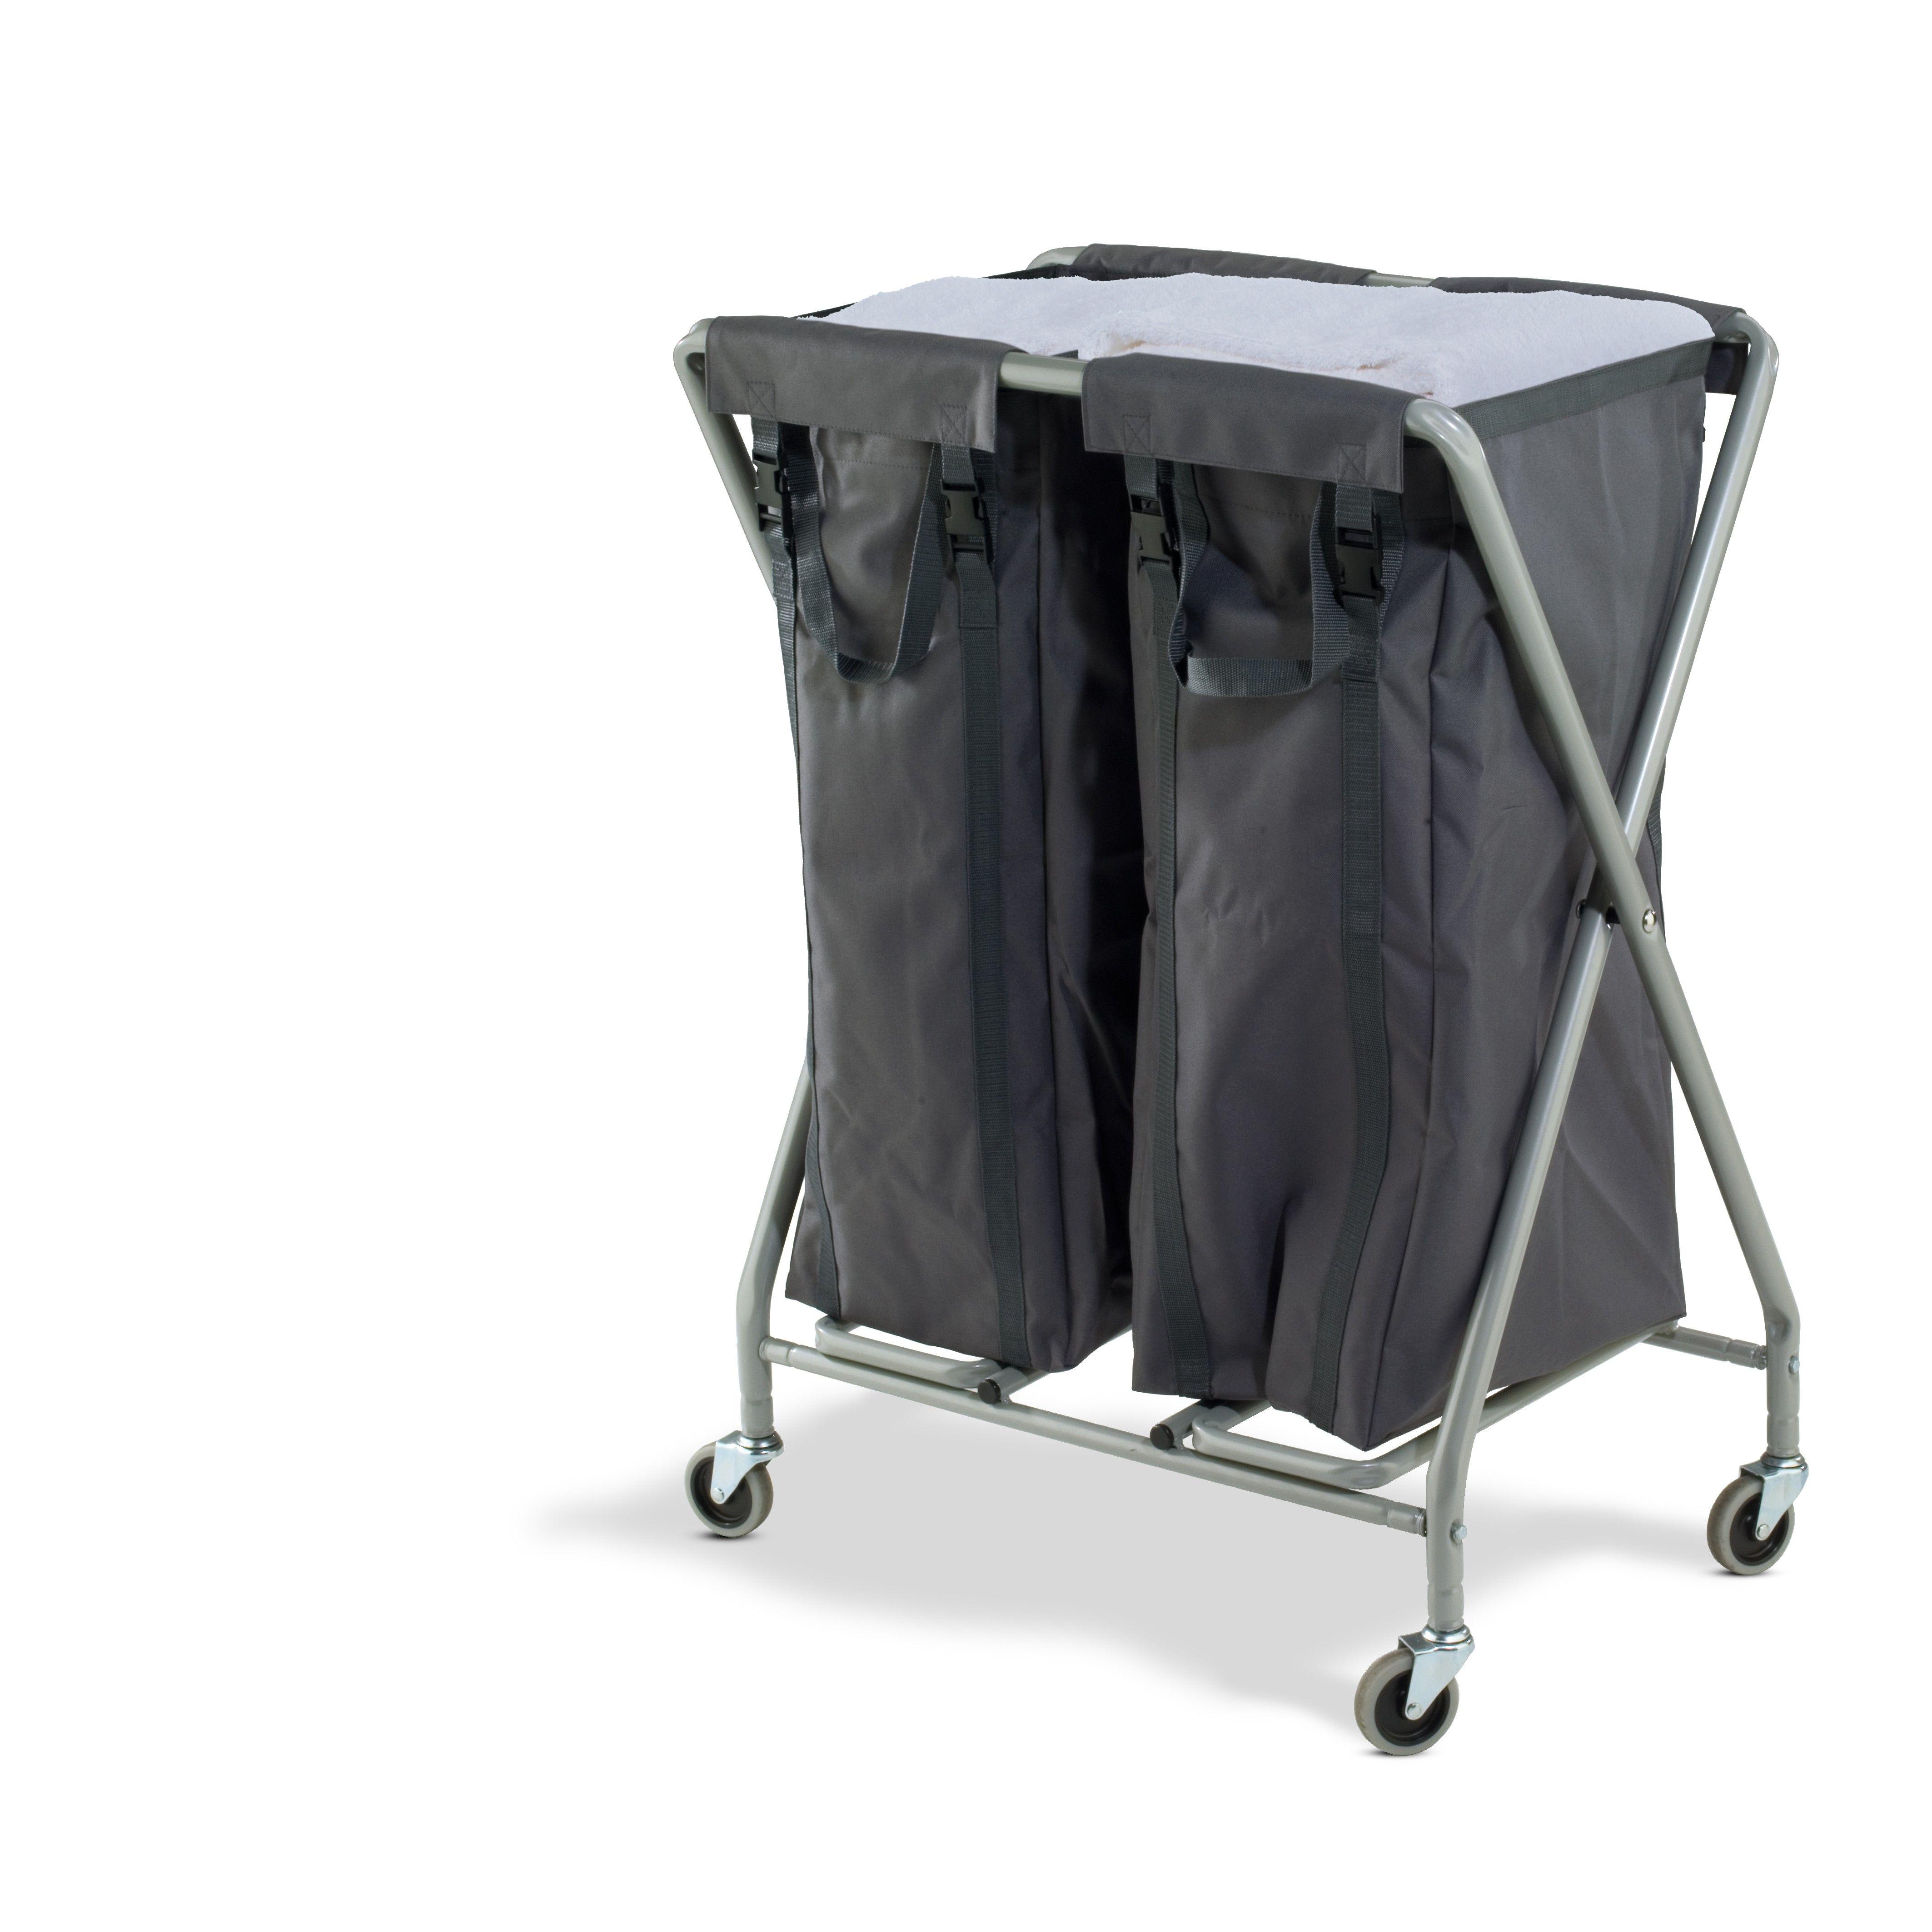 Wasverzamelwagen NX1002 grijs